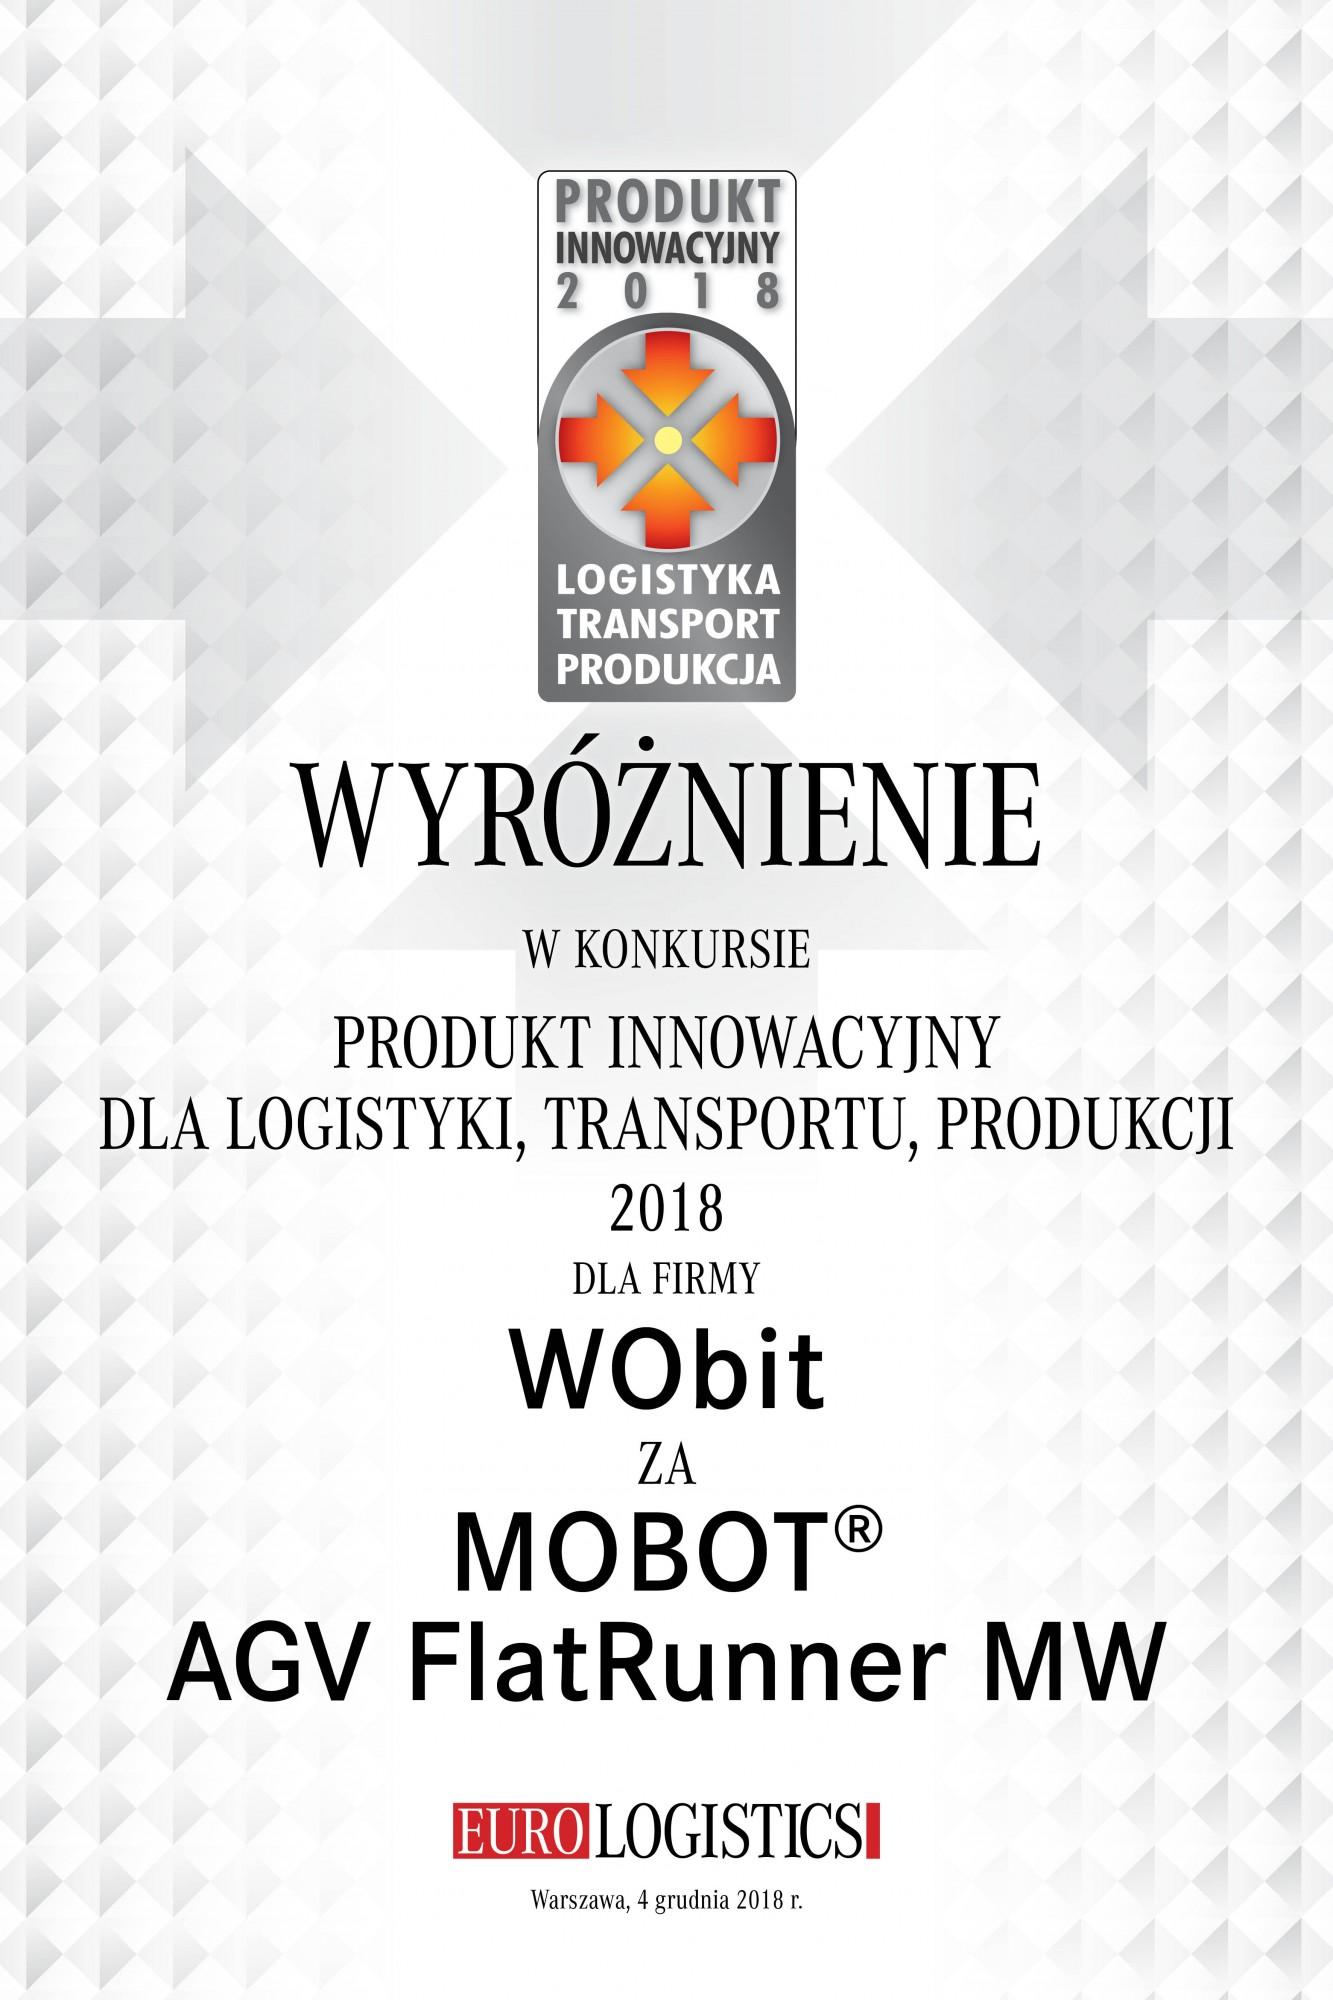 Wyróżnienie w konkursie dla logistyki, transportu, produkcji